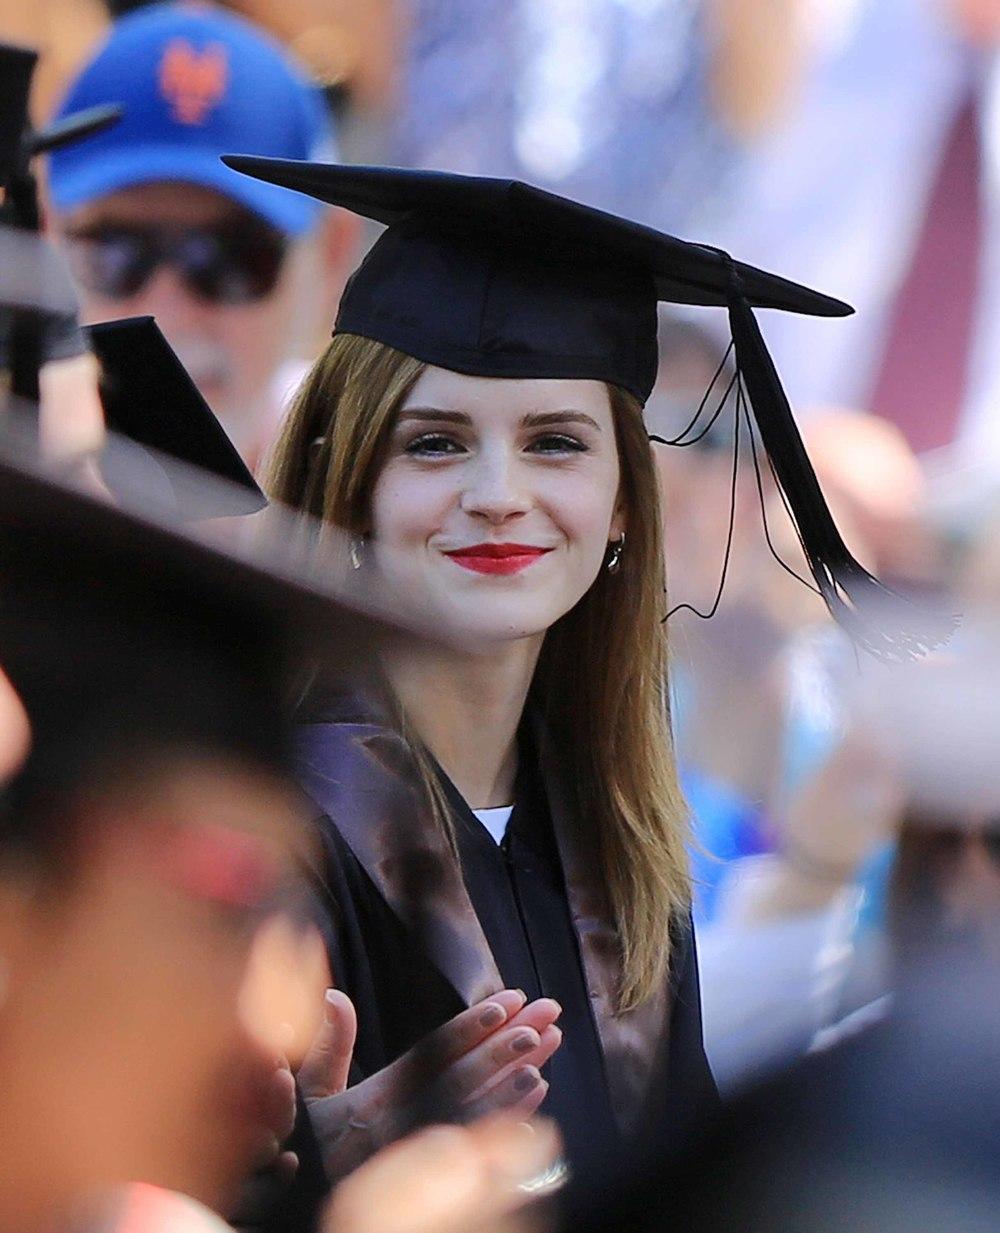 """<a href=""""http://www.totallyemmawatson.com/gallery/events/2014/graduation"""">Graduation</a>"""